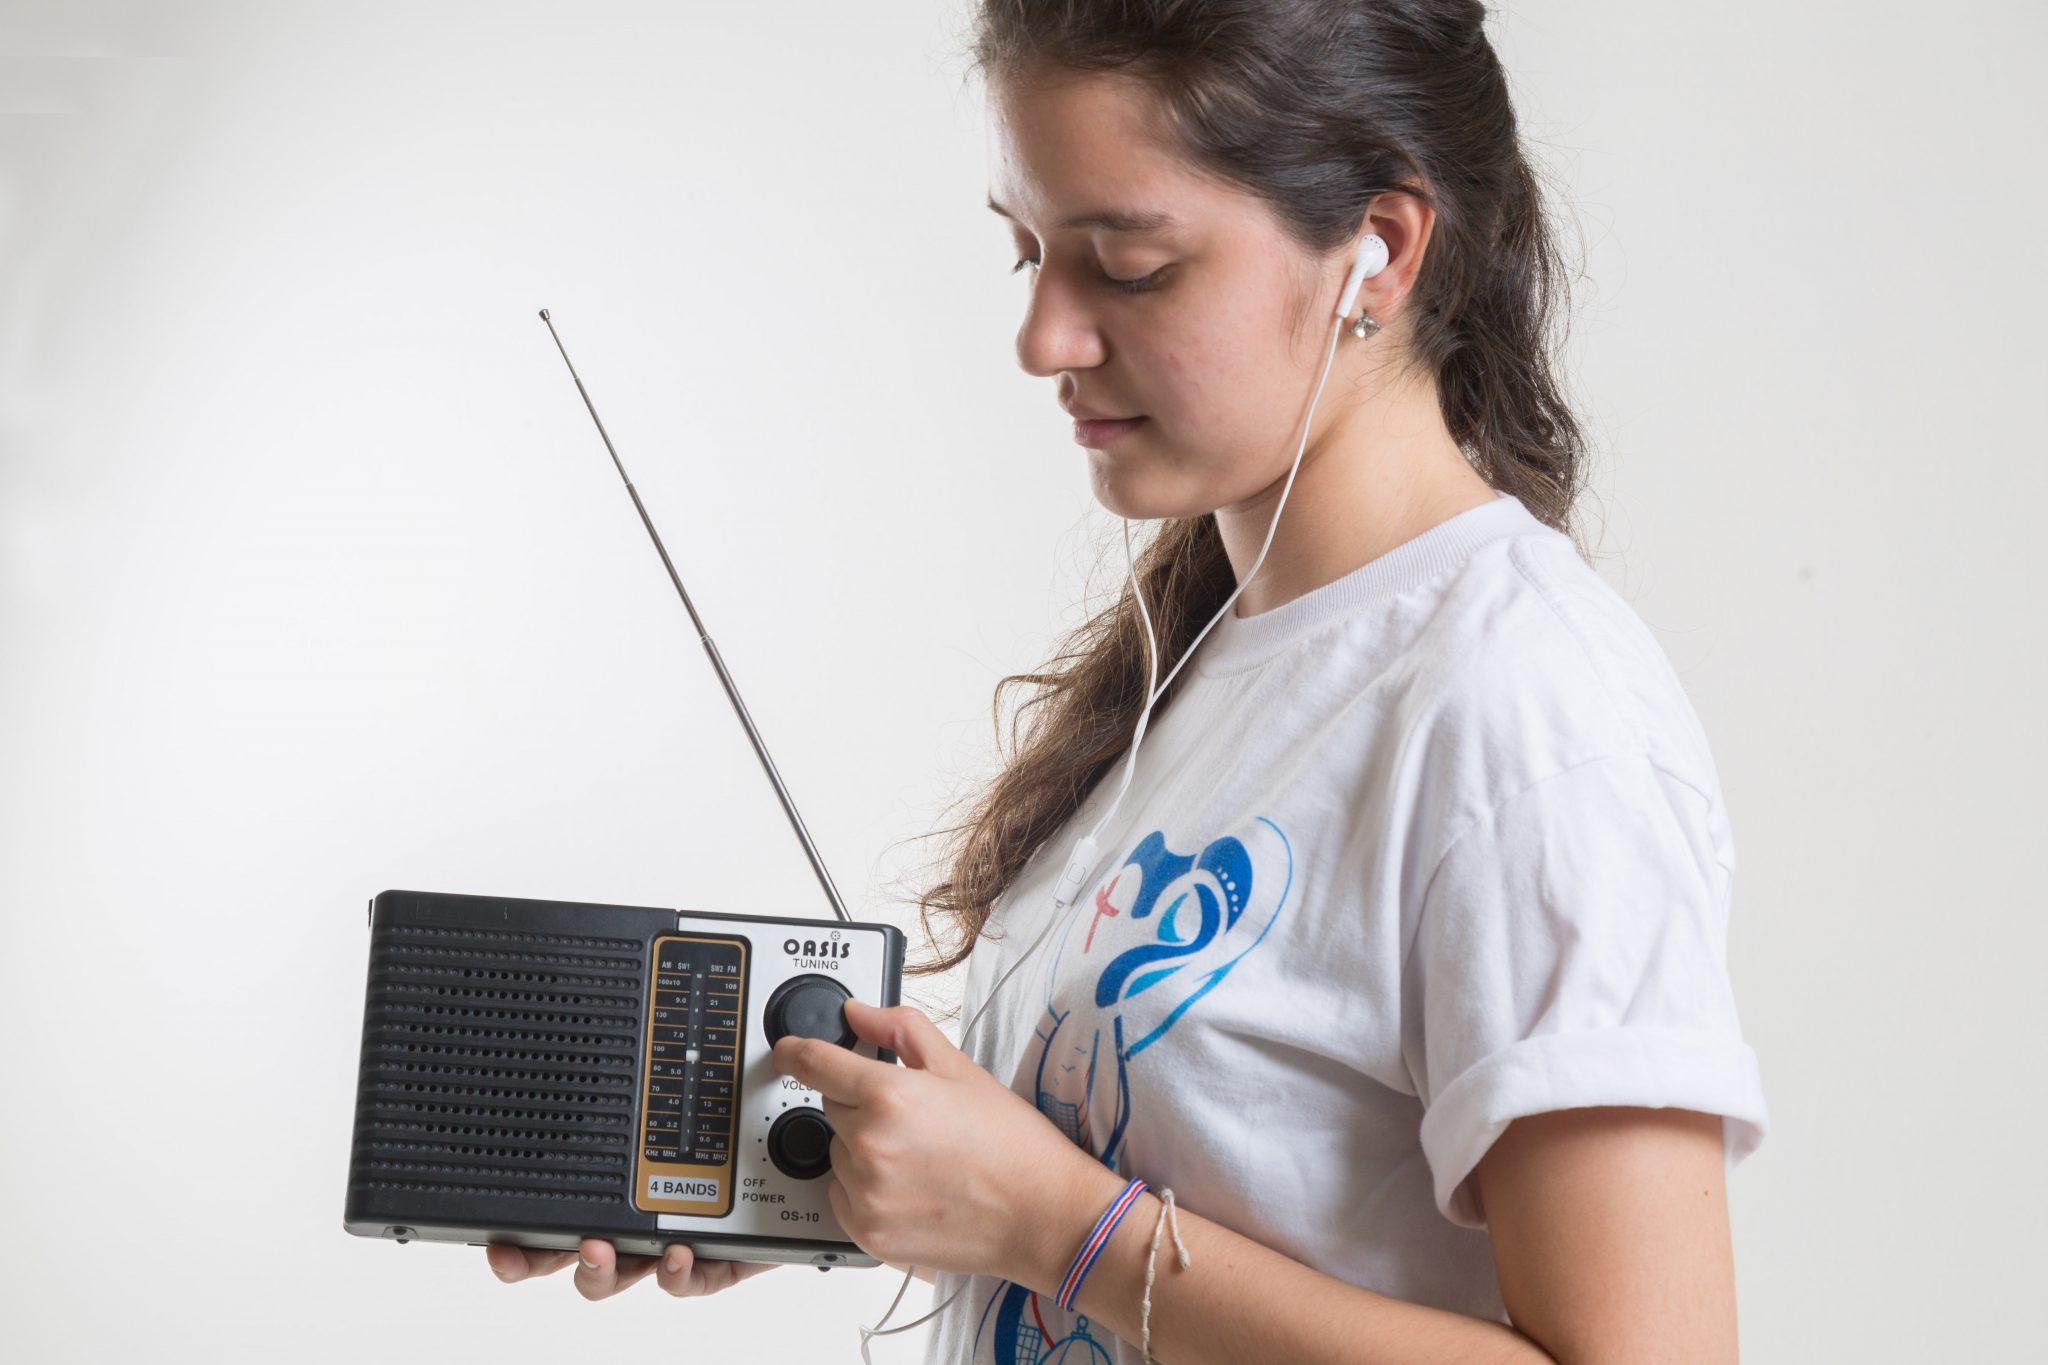 10. Radio